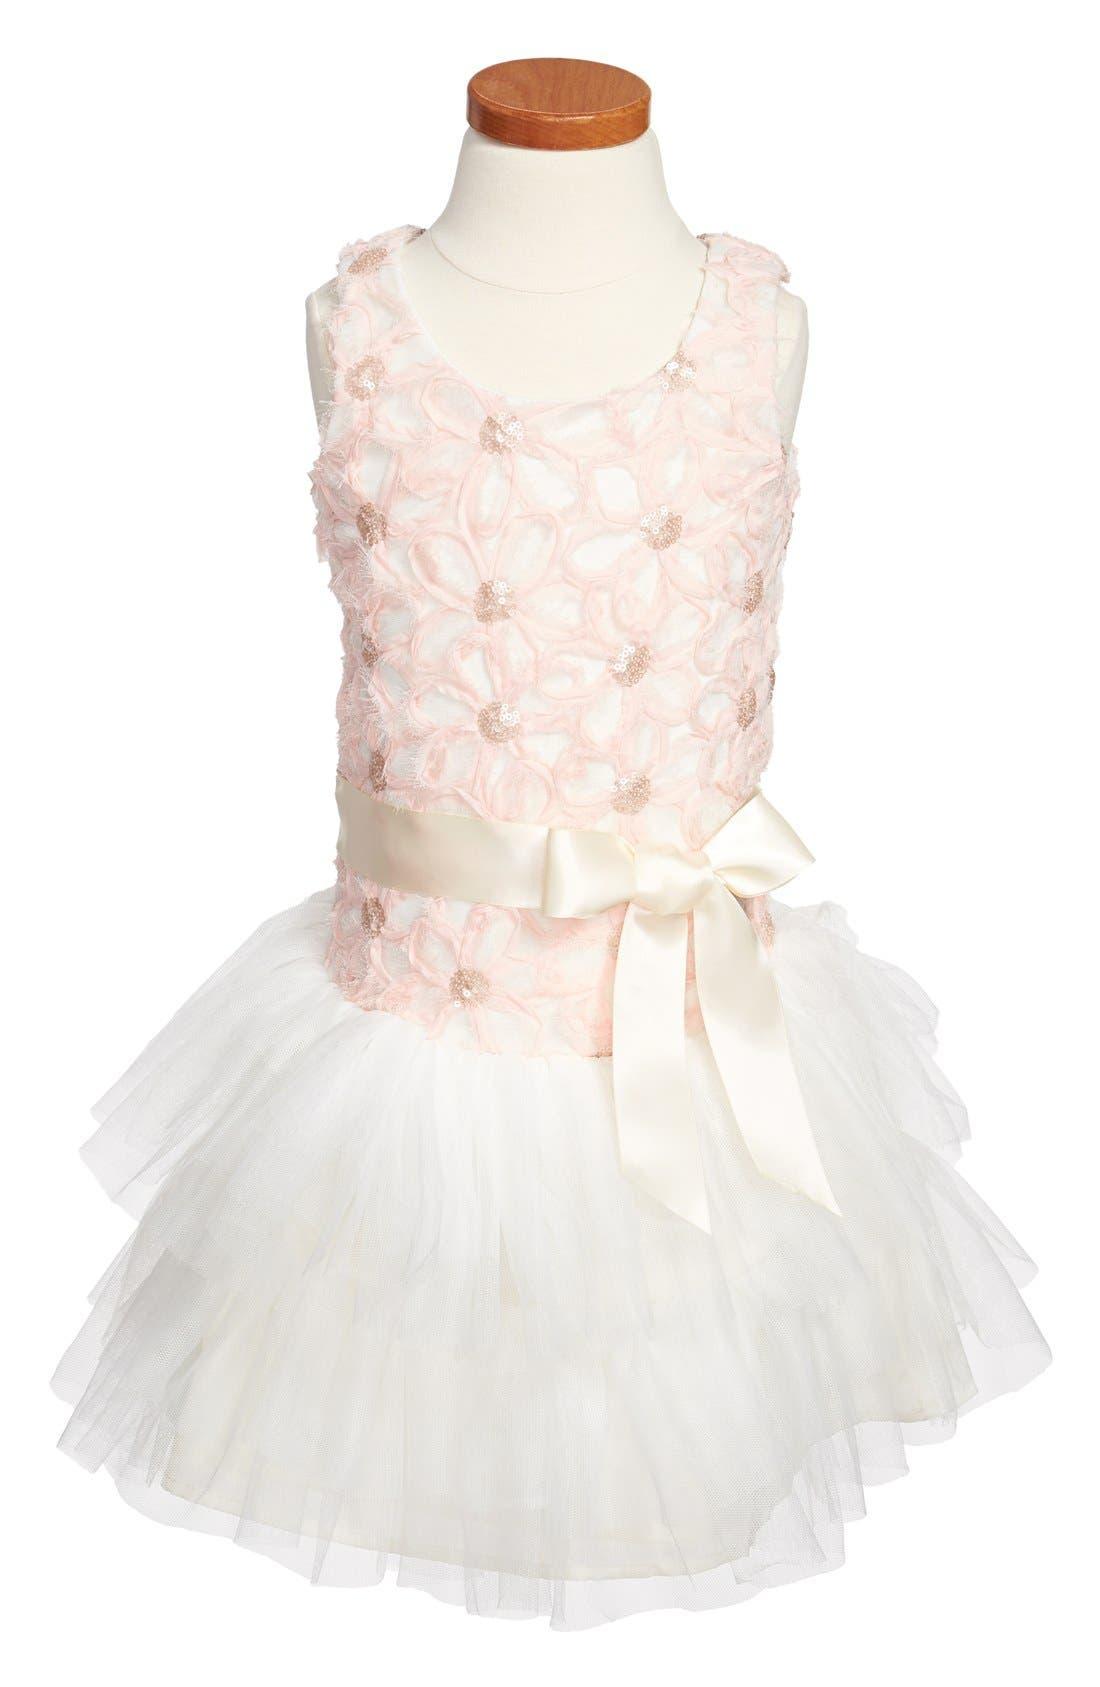 Alternate Image 1 Selected - Zunie Soutache Drop Waist Dress (Little Girls & Big Girls)